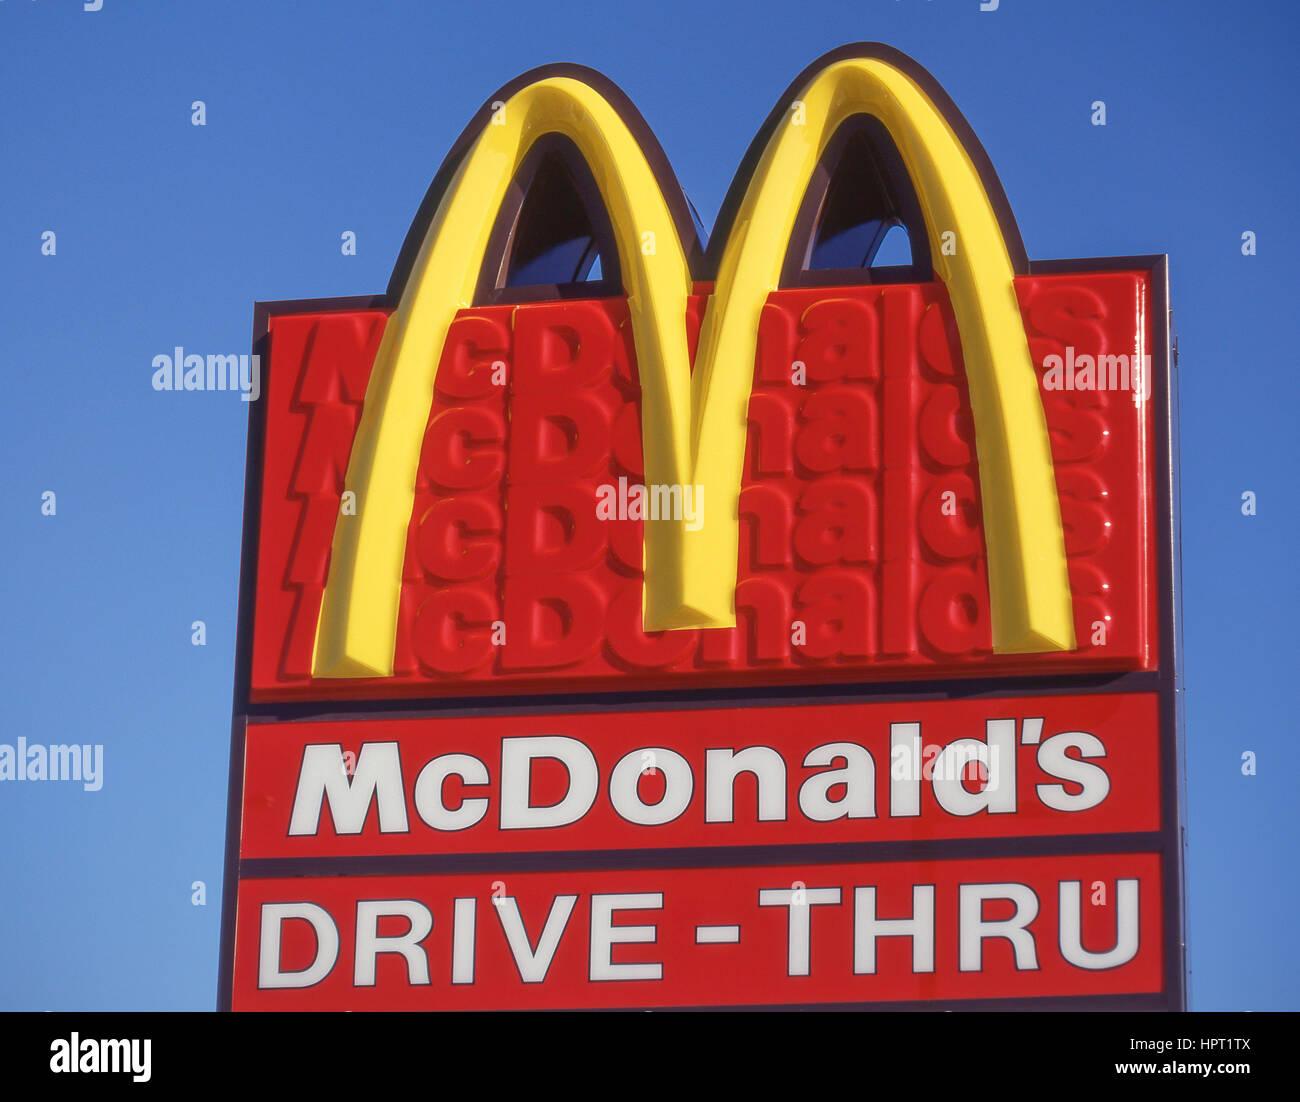 Drive-Thru McDonald's restaurant sign, Miami, Floride, États-Unis d'Amérique Photo Stock